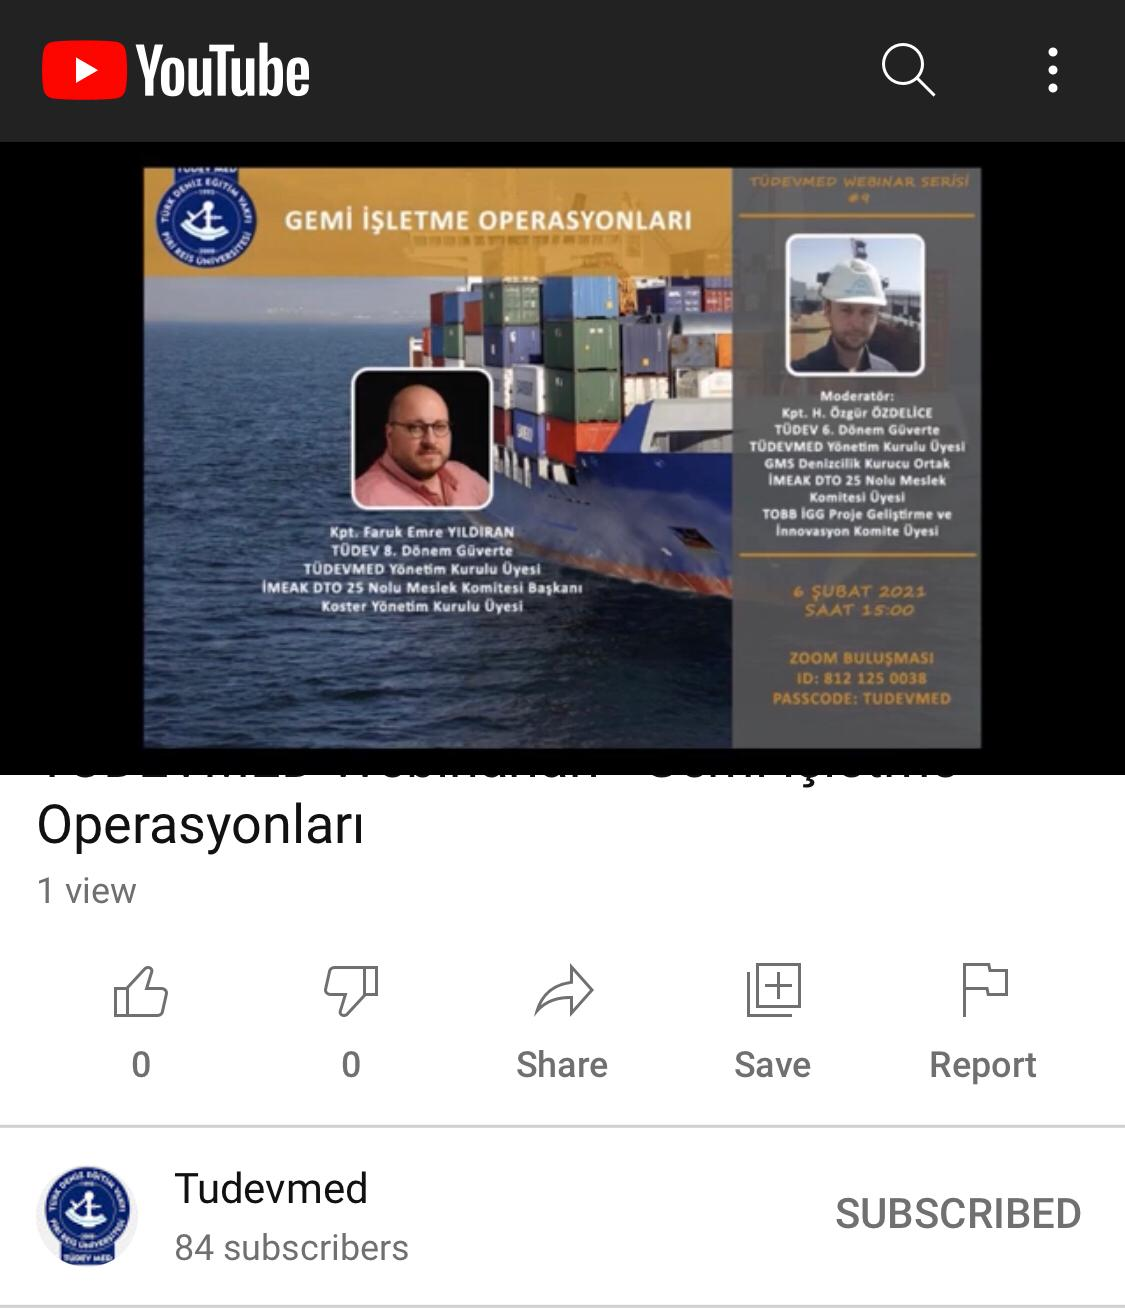 TÜDEVMED Gemi İşletme Operasyonları Webinarı Düzenledi